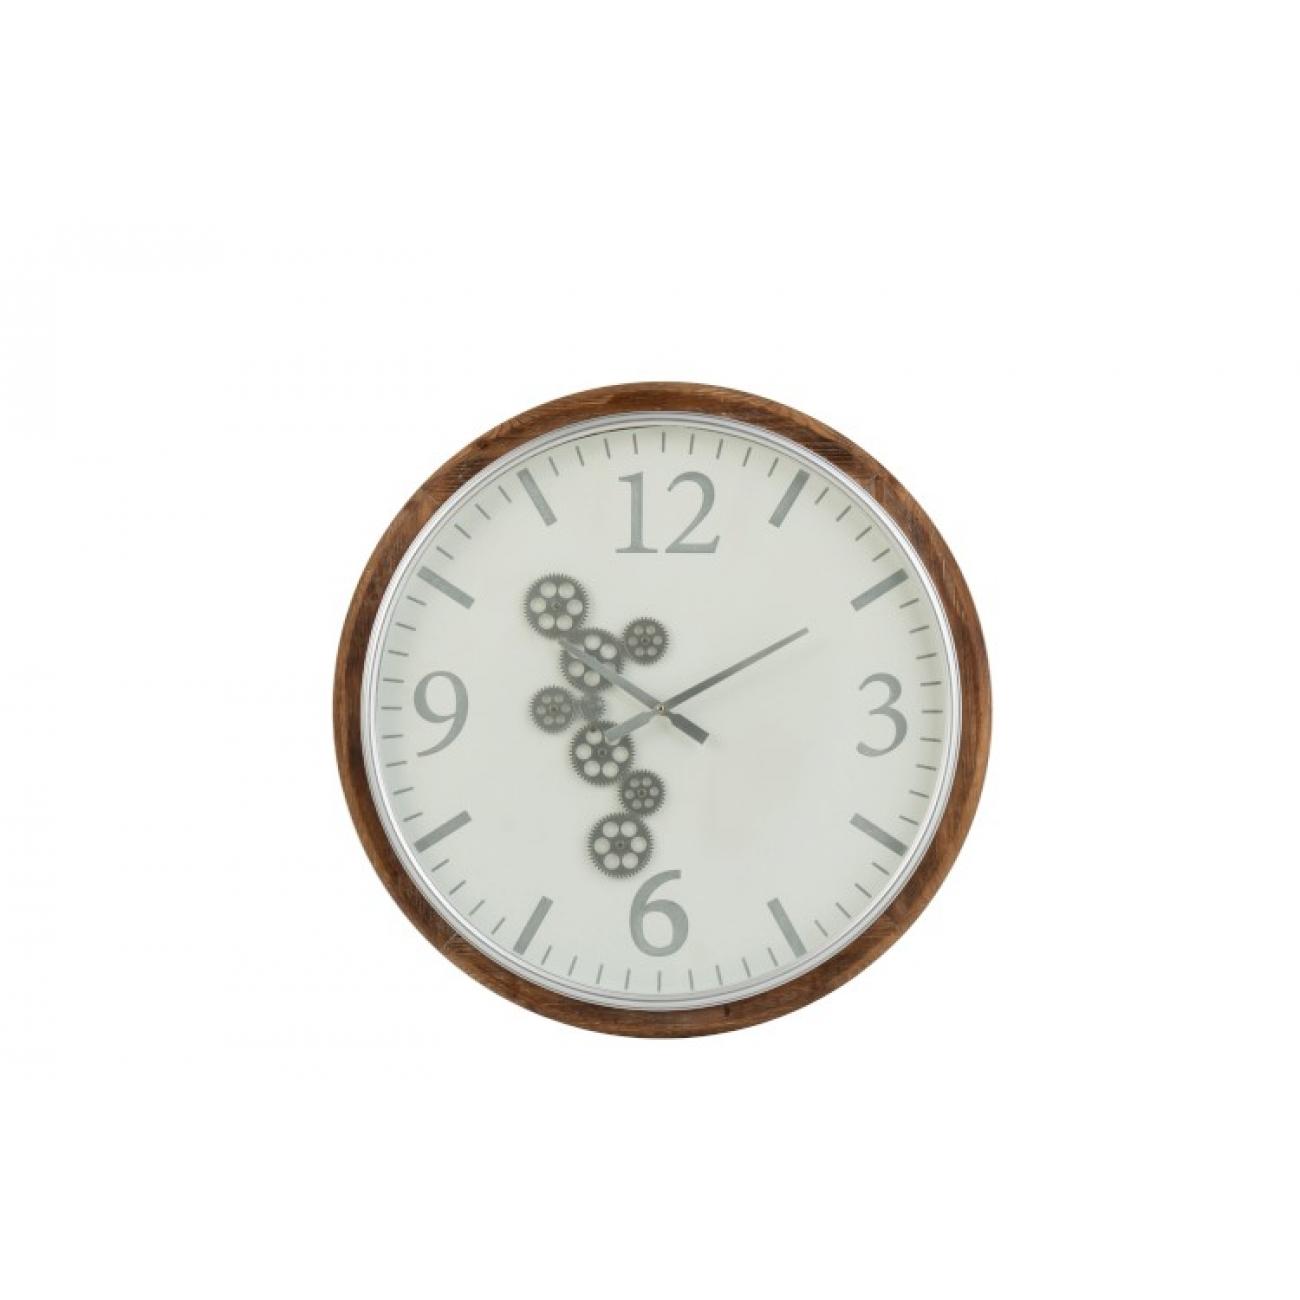 Настенные часы J-LINE круглые в деревянном корпусе диаметр 75 см